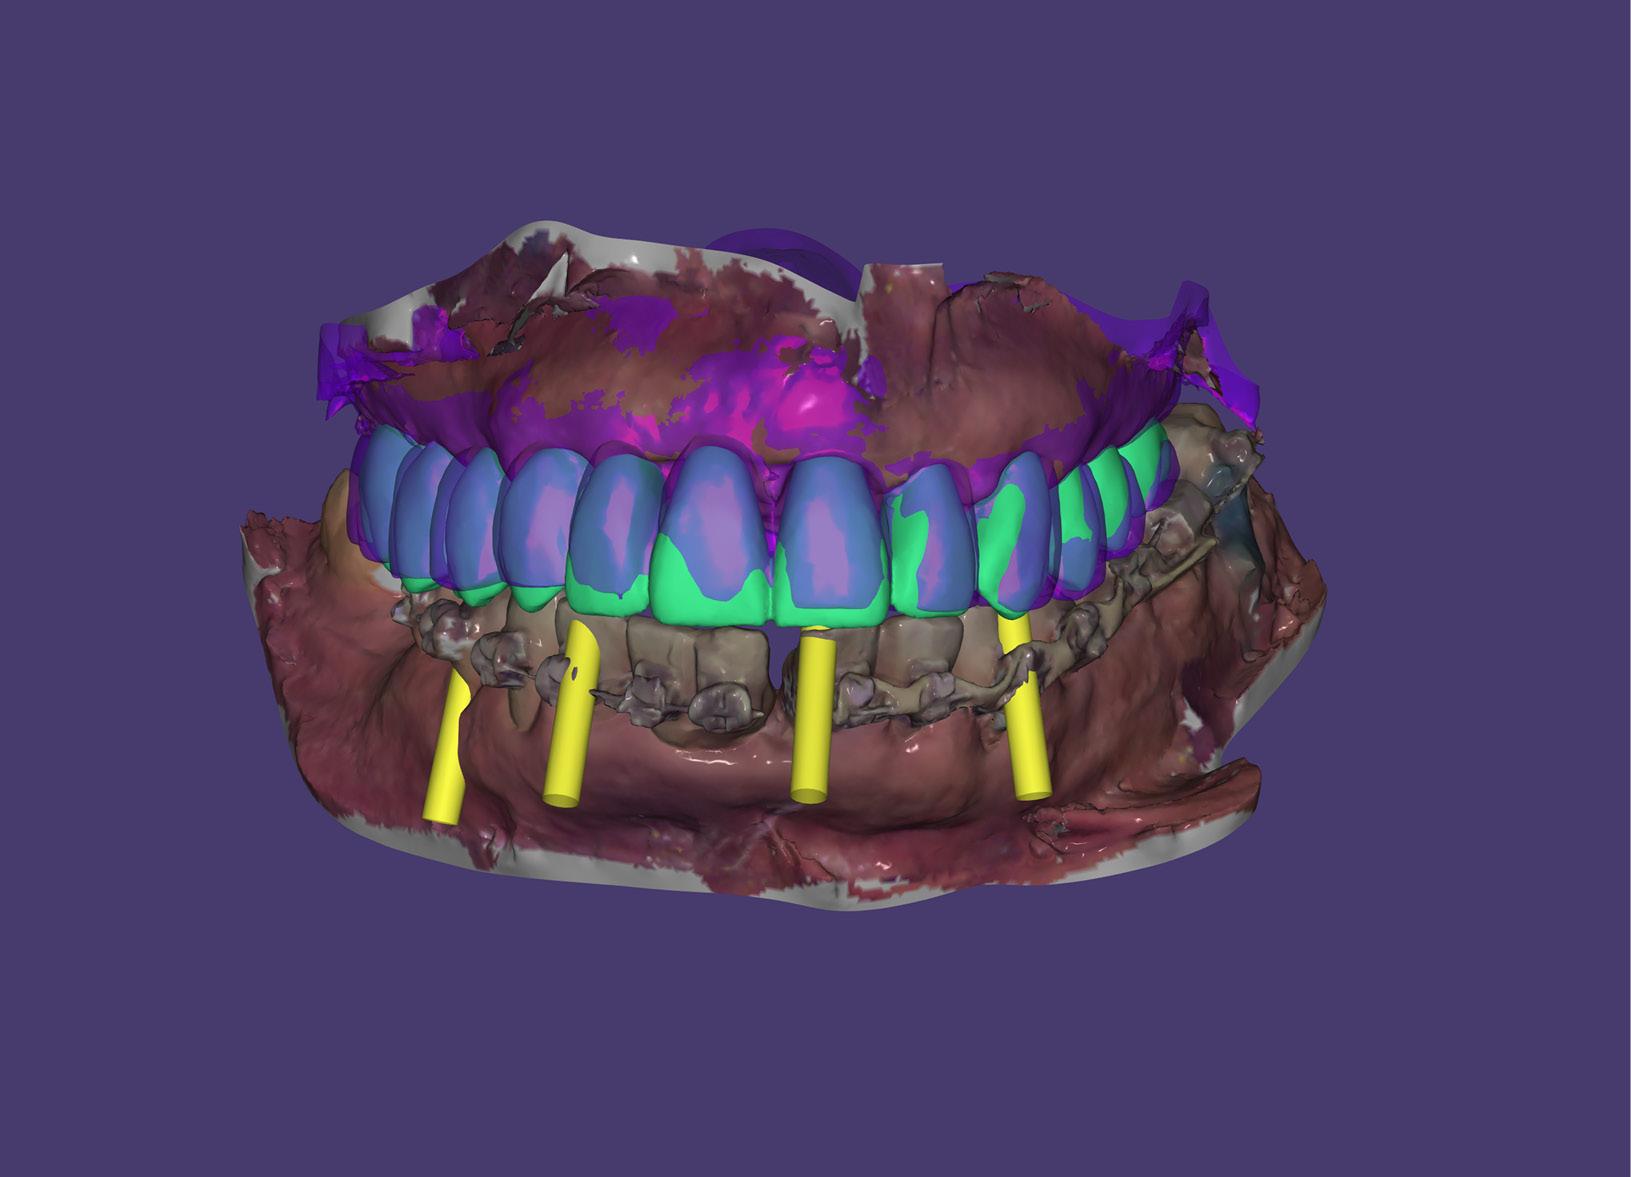 Un estudio en tres dimensiones facilita la realización de cualquier cirugía de implantes con la comodidad de no tener que desplazarse a otro centro y la rapidez y calidad que nos ofrece el escaner 3D InTero, así como con los más moderno software de diagnóstico y planificación. -